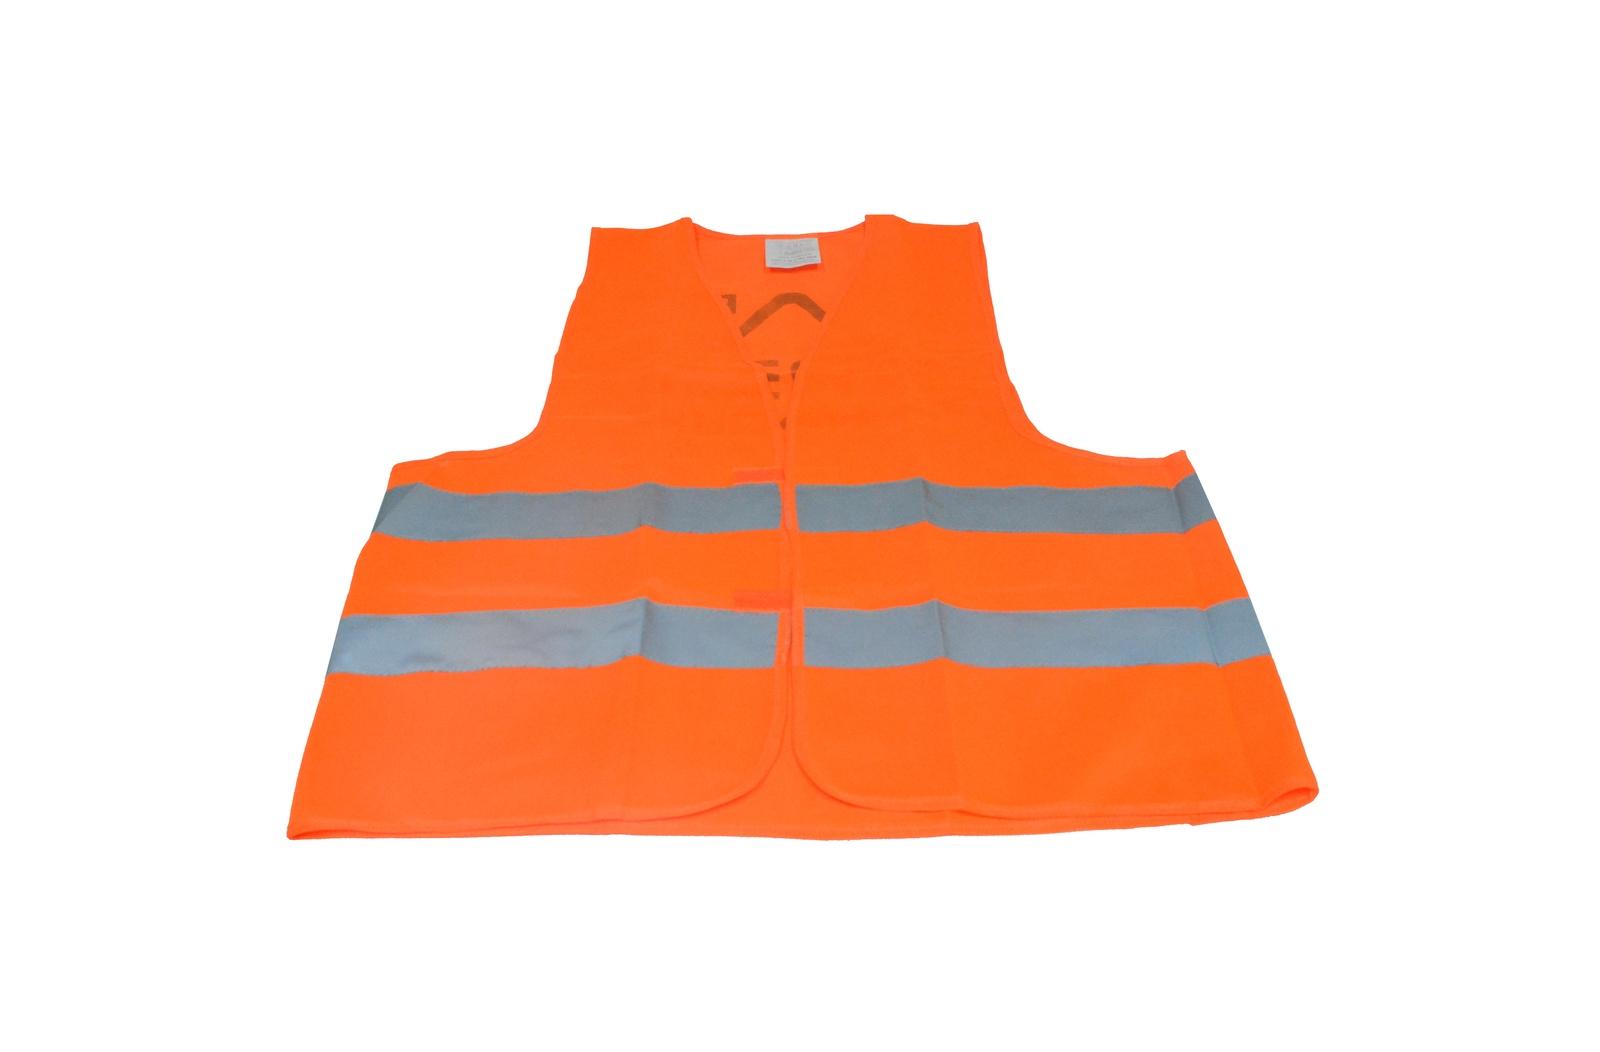 цены на Аварийный набор CRAUFT Жилет сигнальный GHILETSKY, оранжевый  в интернет-магазинах